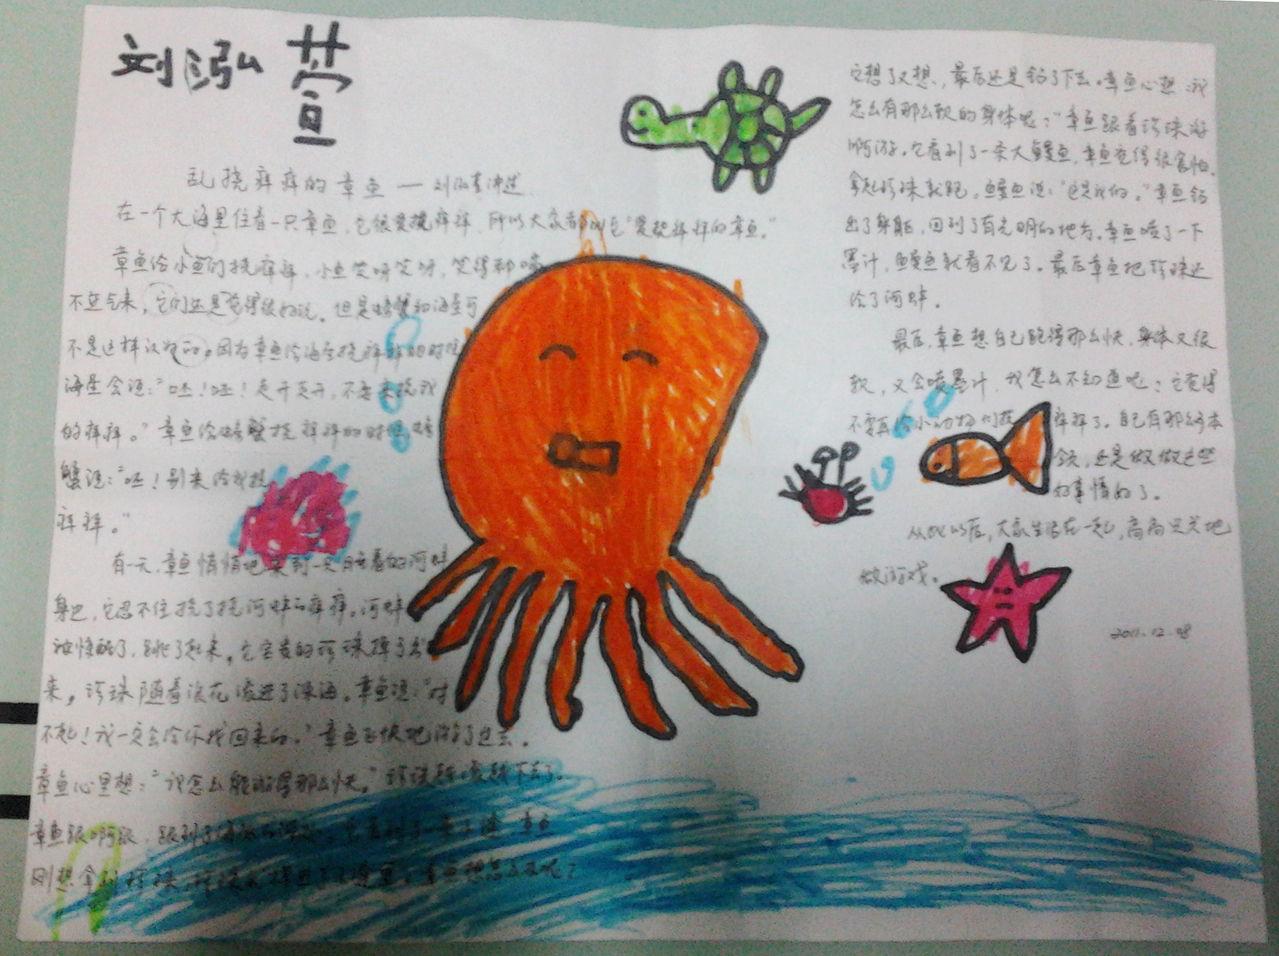 动漫作业之五:乱挠痒痒的章鱼